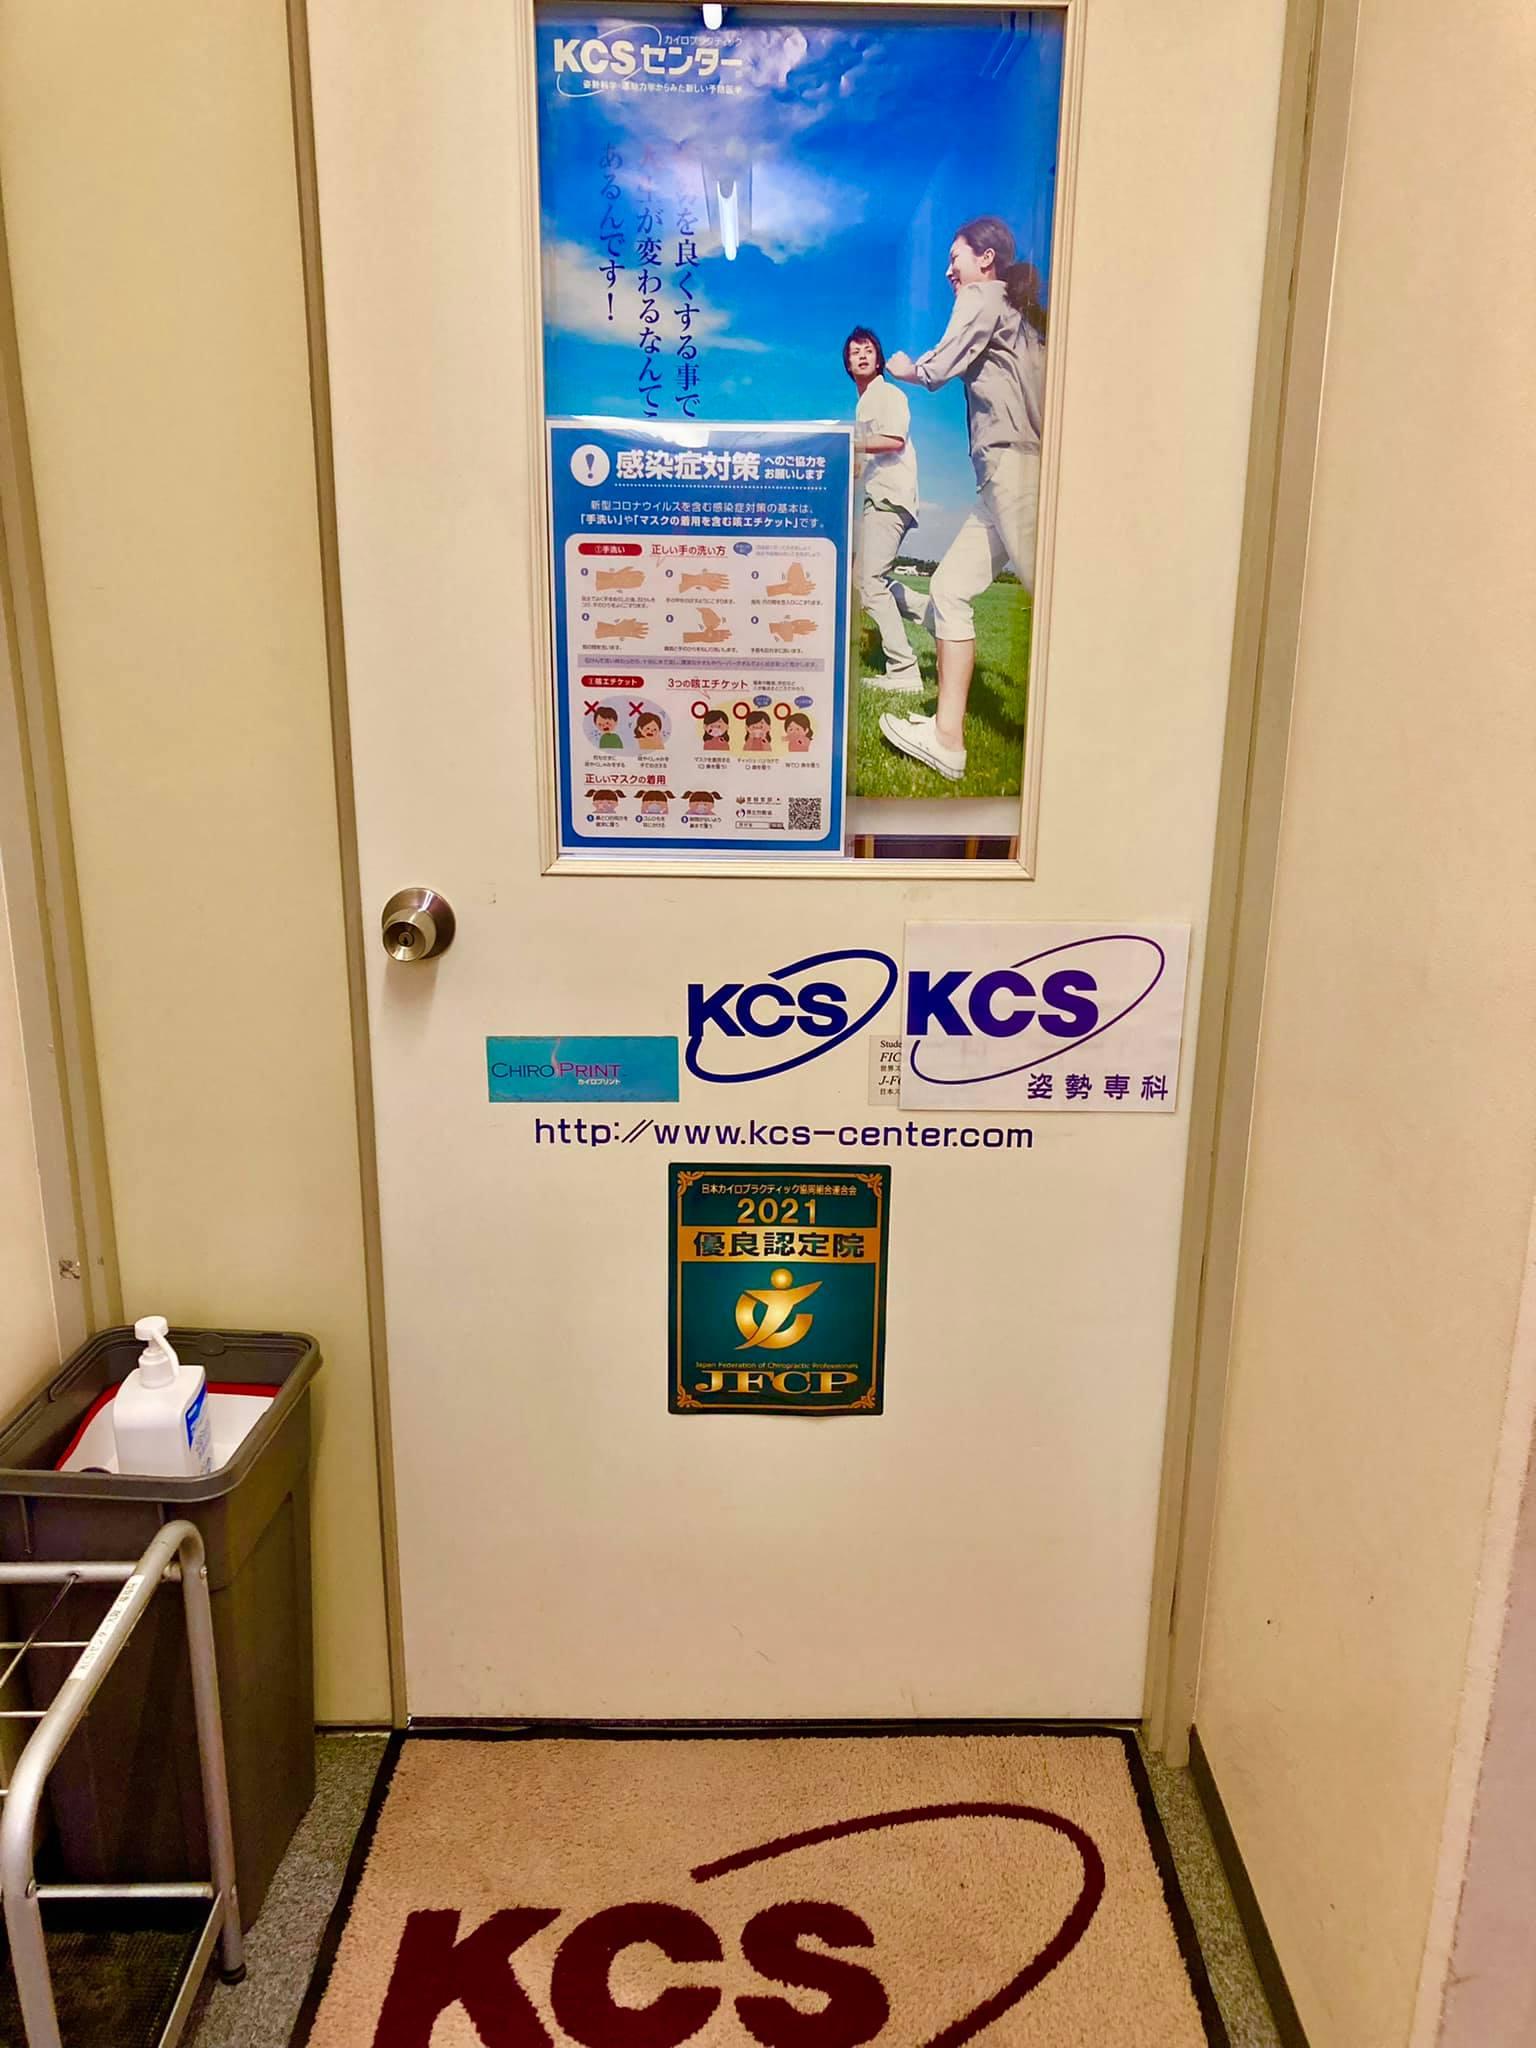 ランニング指導で根本的に大切な姿勢とフォームチェックは大阪福島で